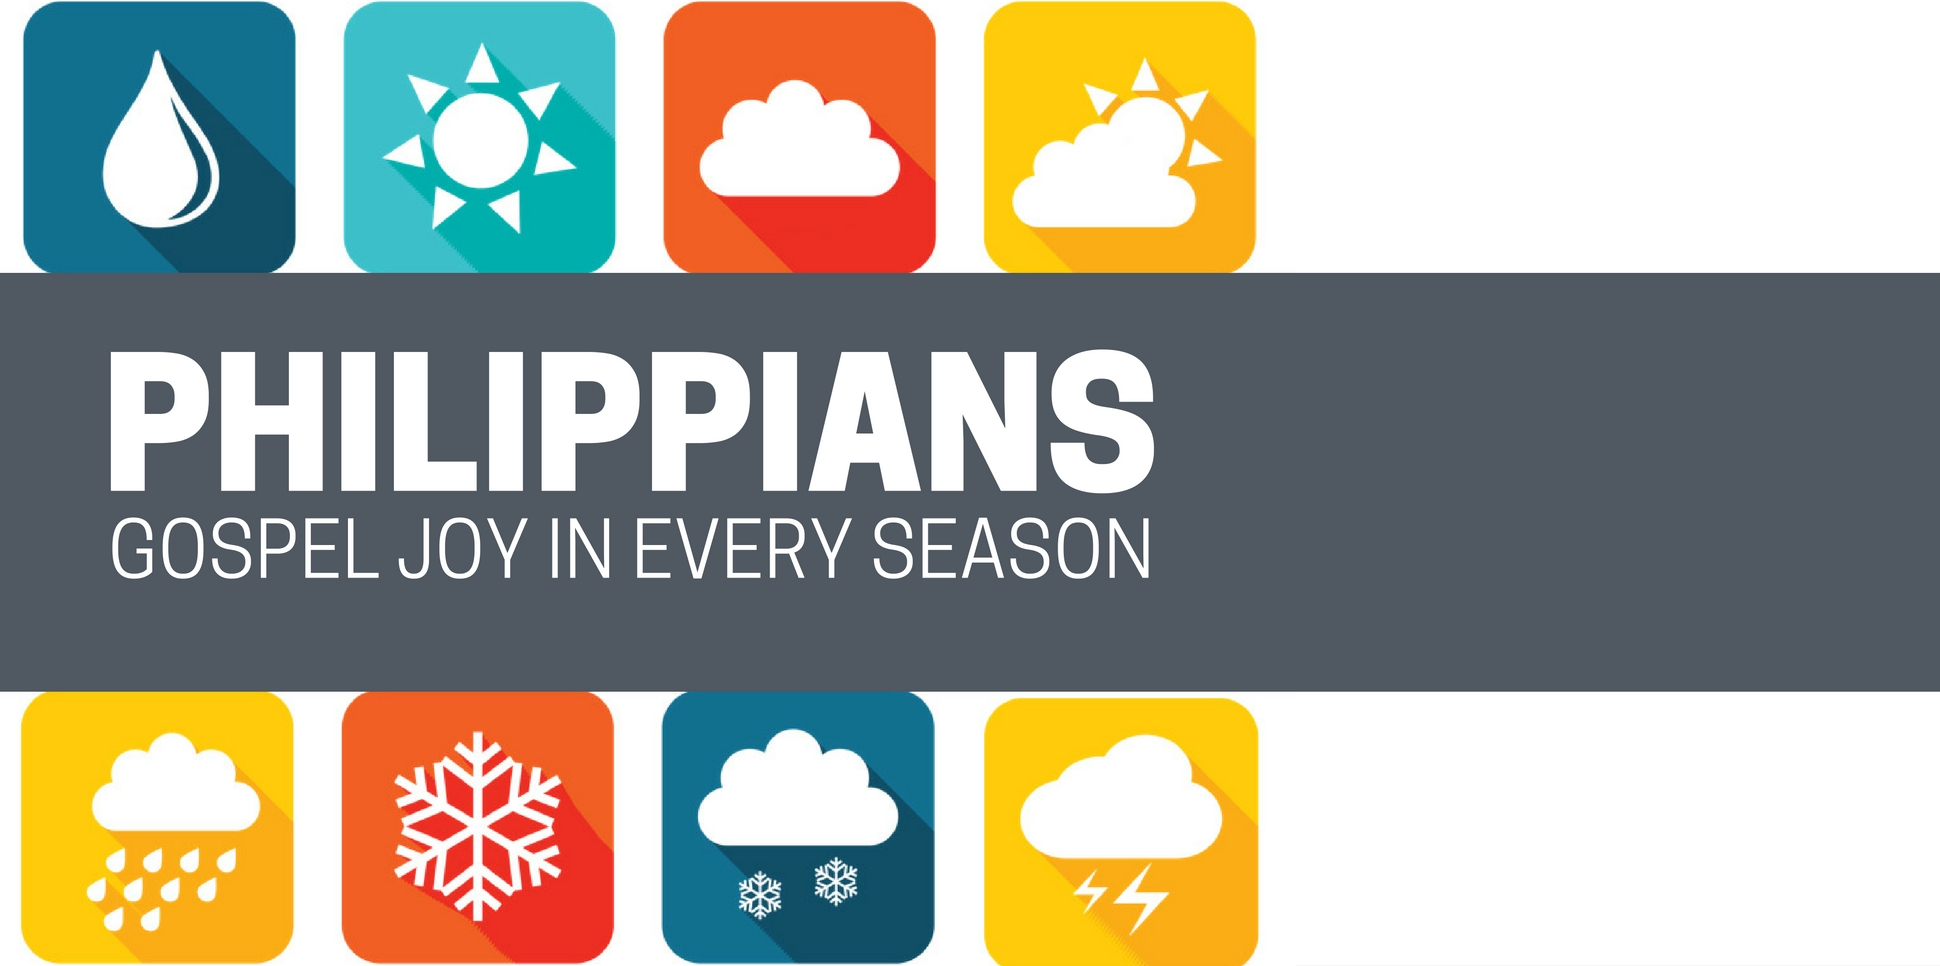 philippians-website-hig-res